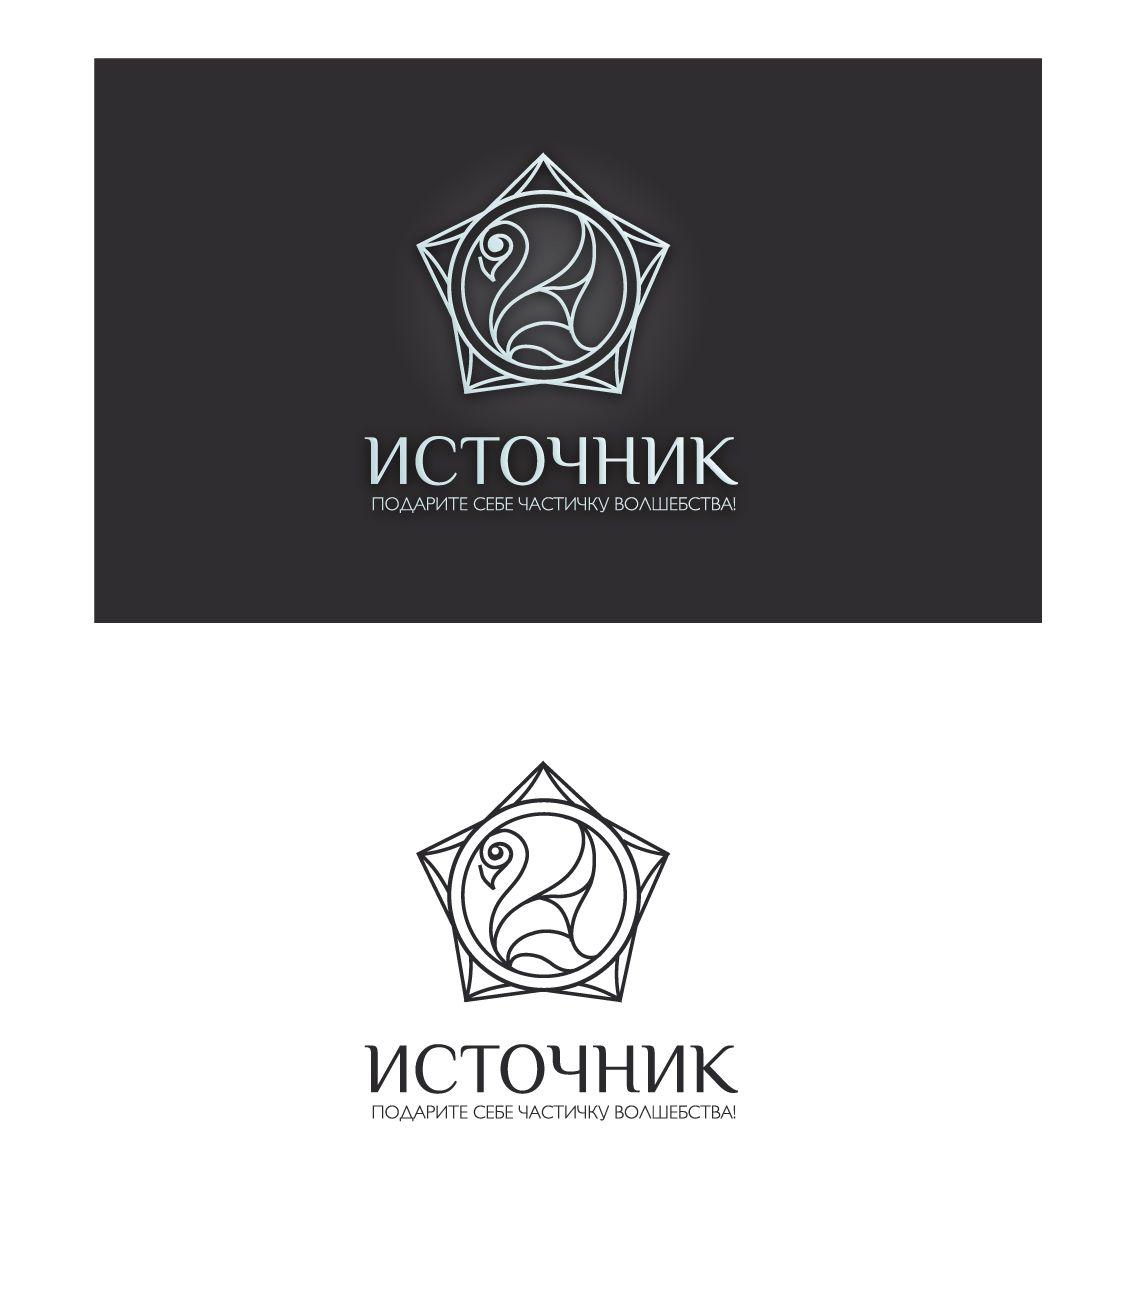 Логотип для магазина Украшений из Фильмов - дизайнер Kov-veronika